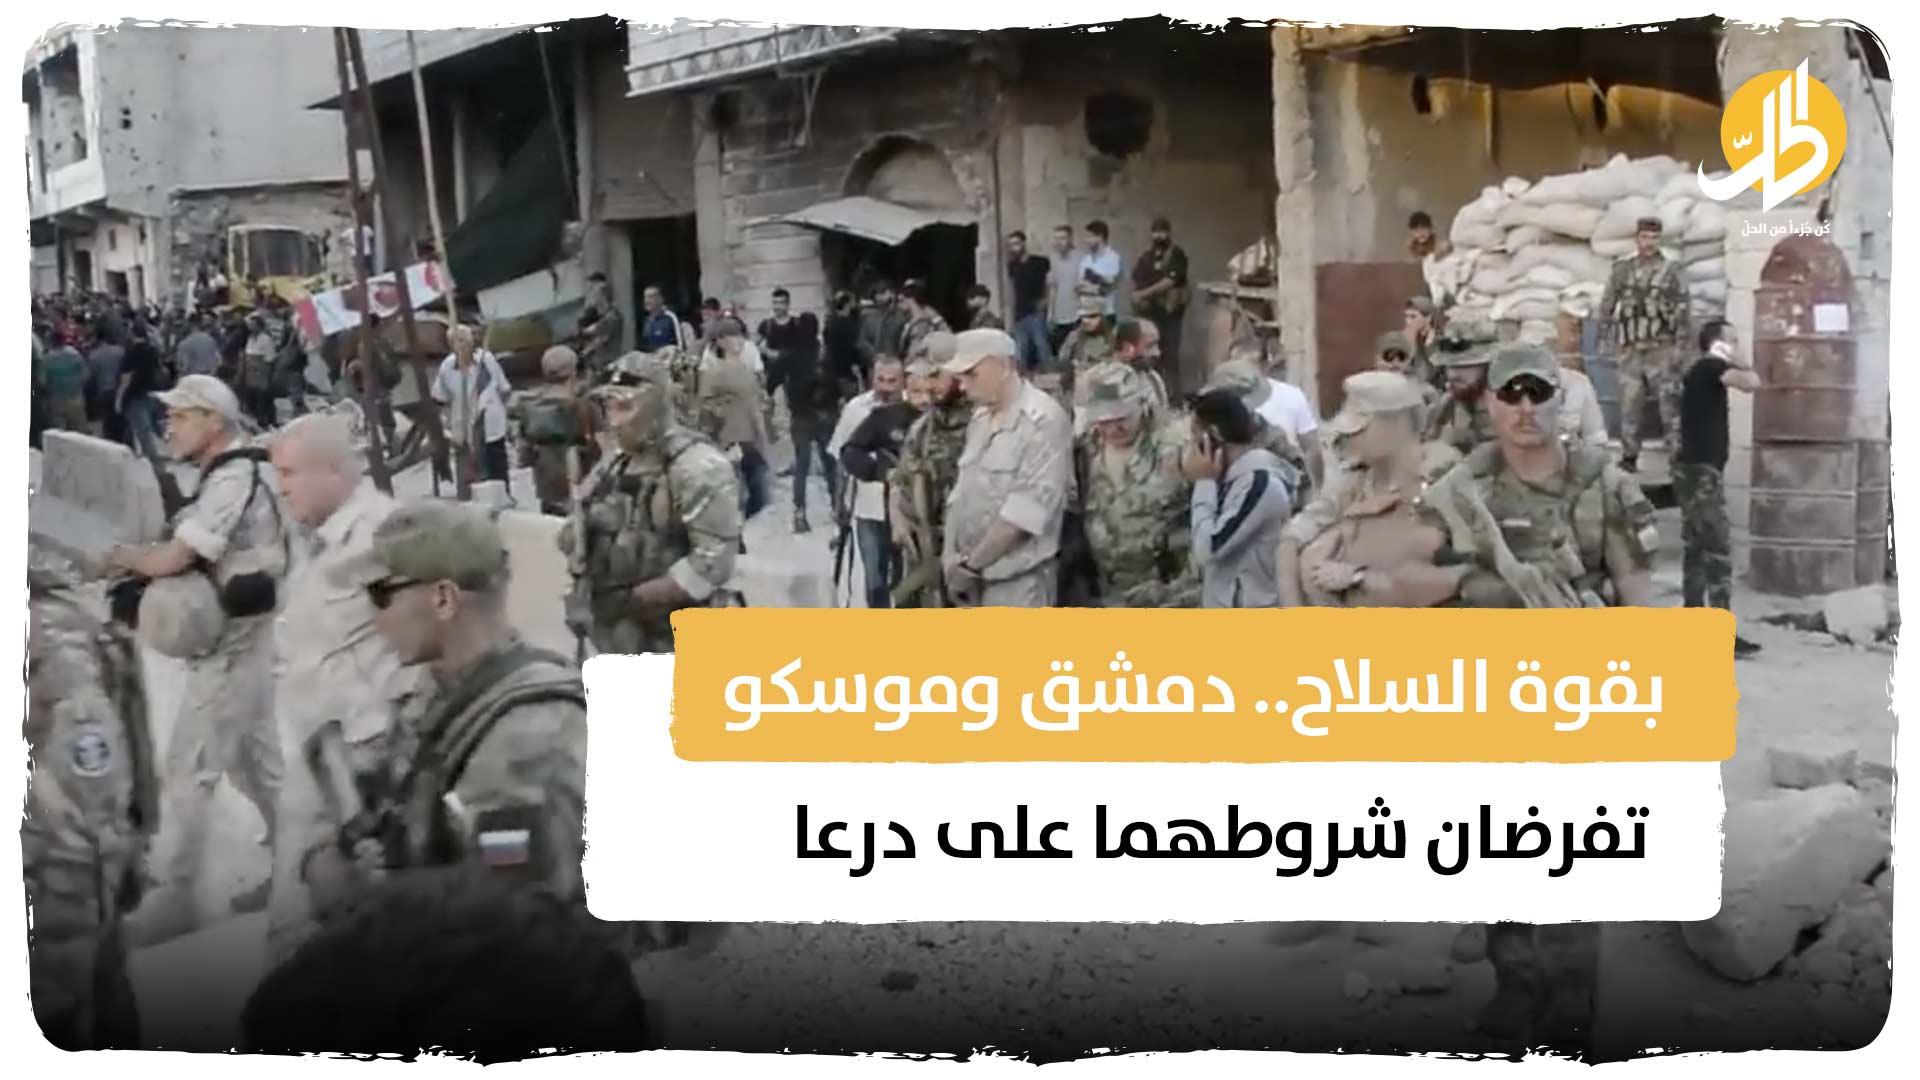 بقوة السلاح.. دمشق وموسكو تفرضان شروطهما على درعا